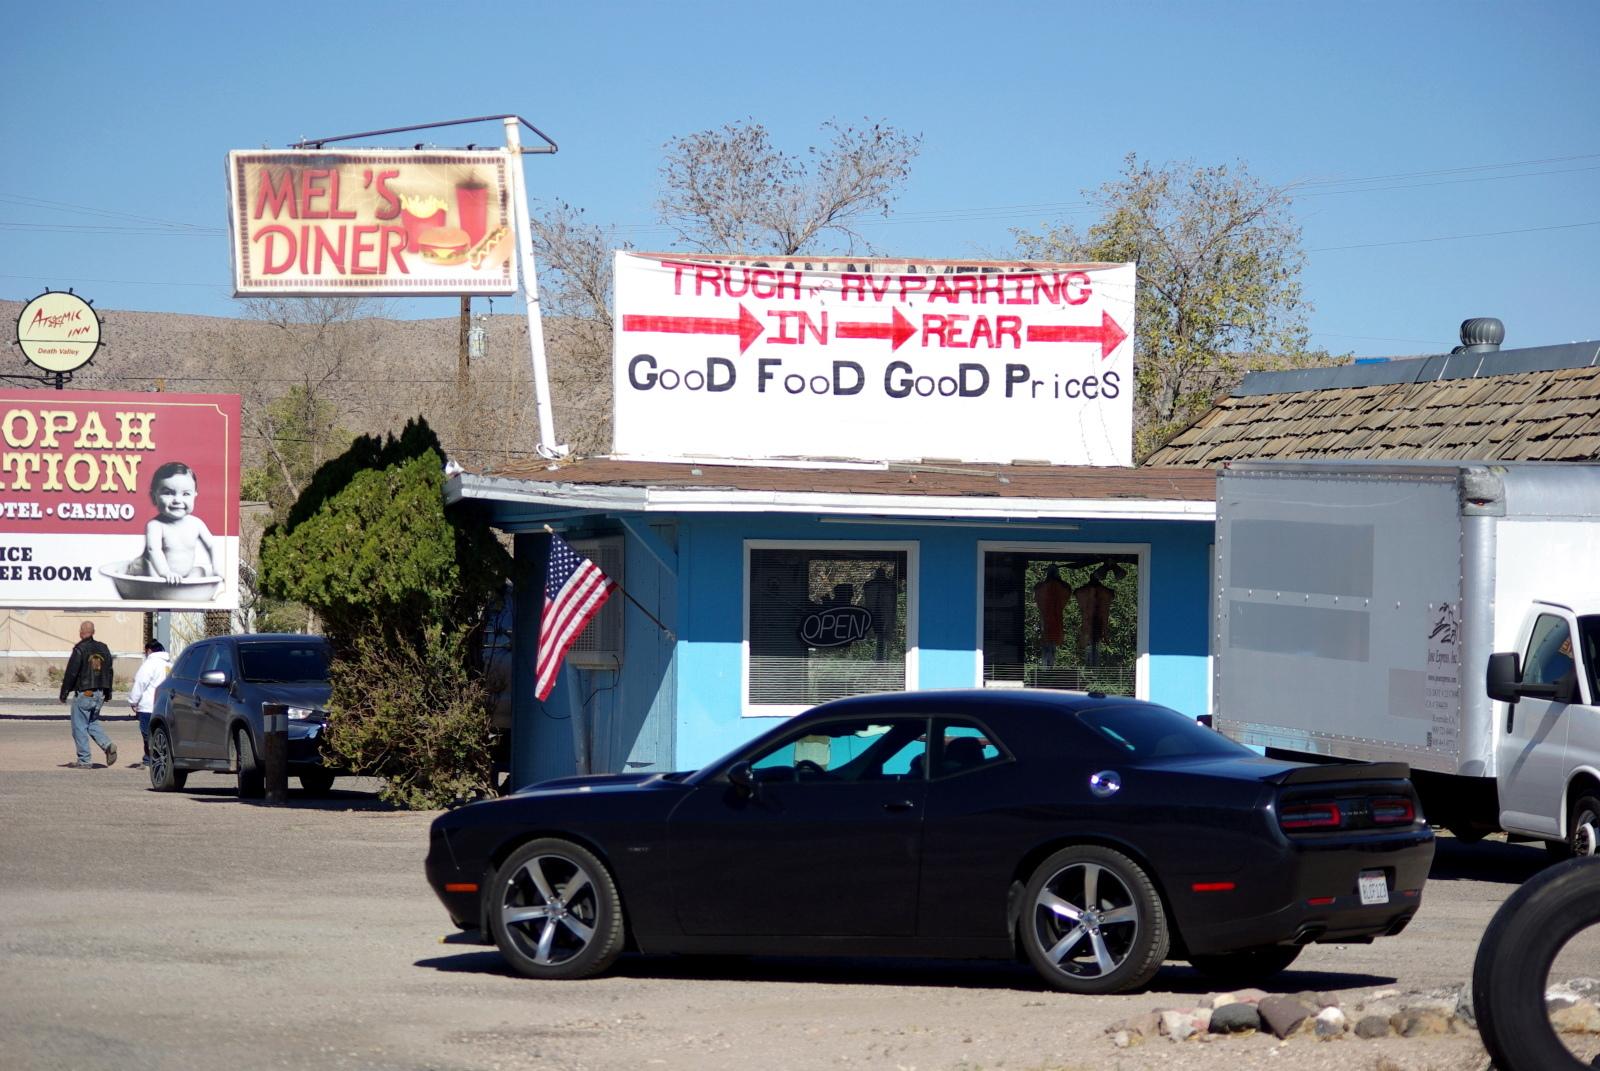 Road Trip / Ouest des USA en Challenger de location -Part II Imgpk242